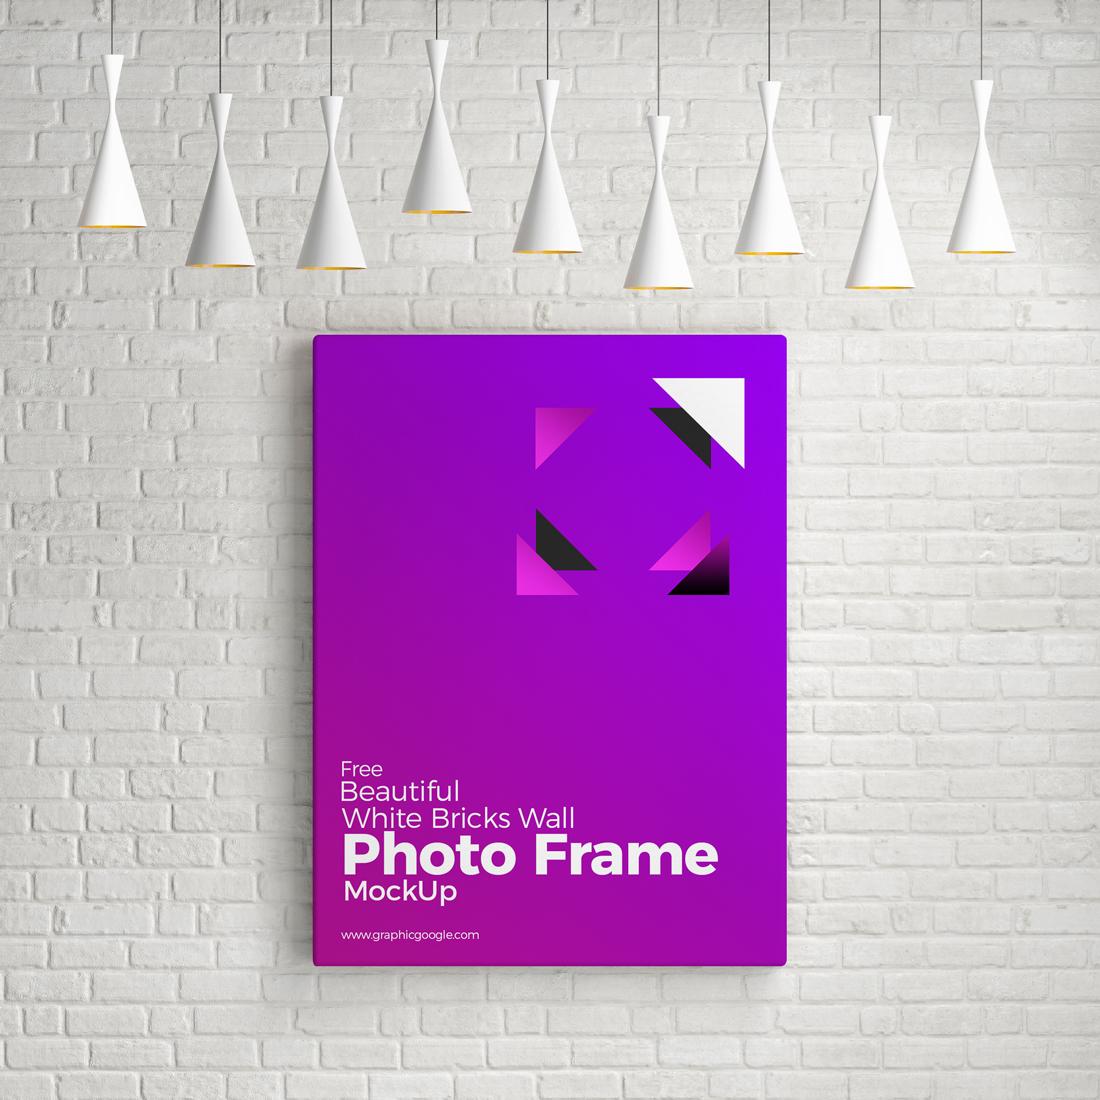 Free White Background Photo Frame Mockup